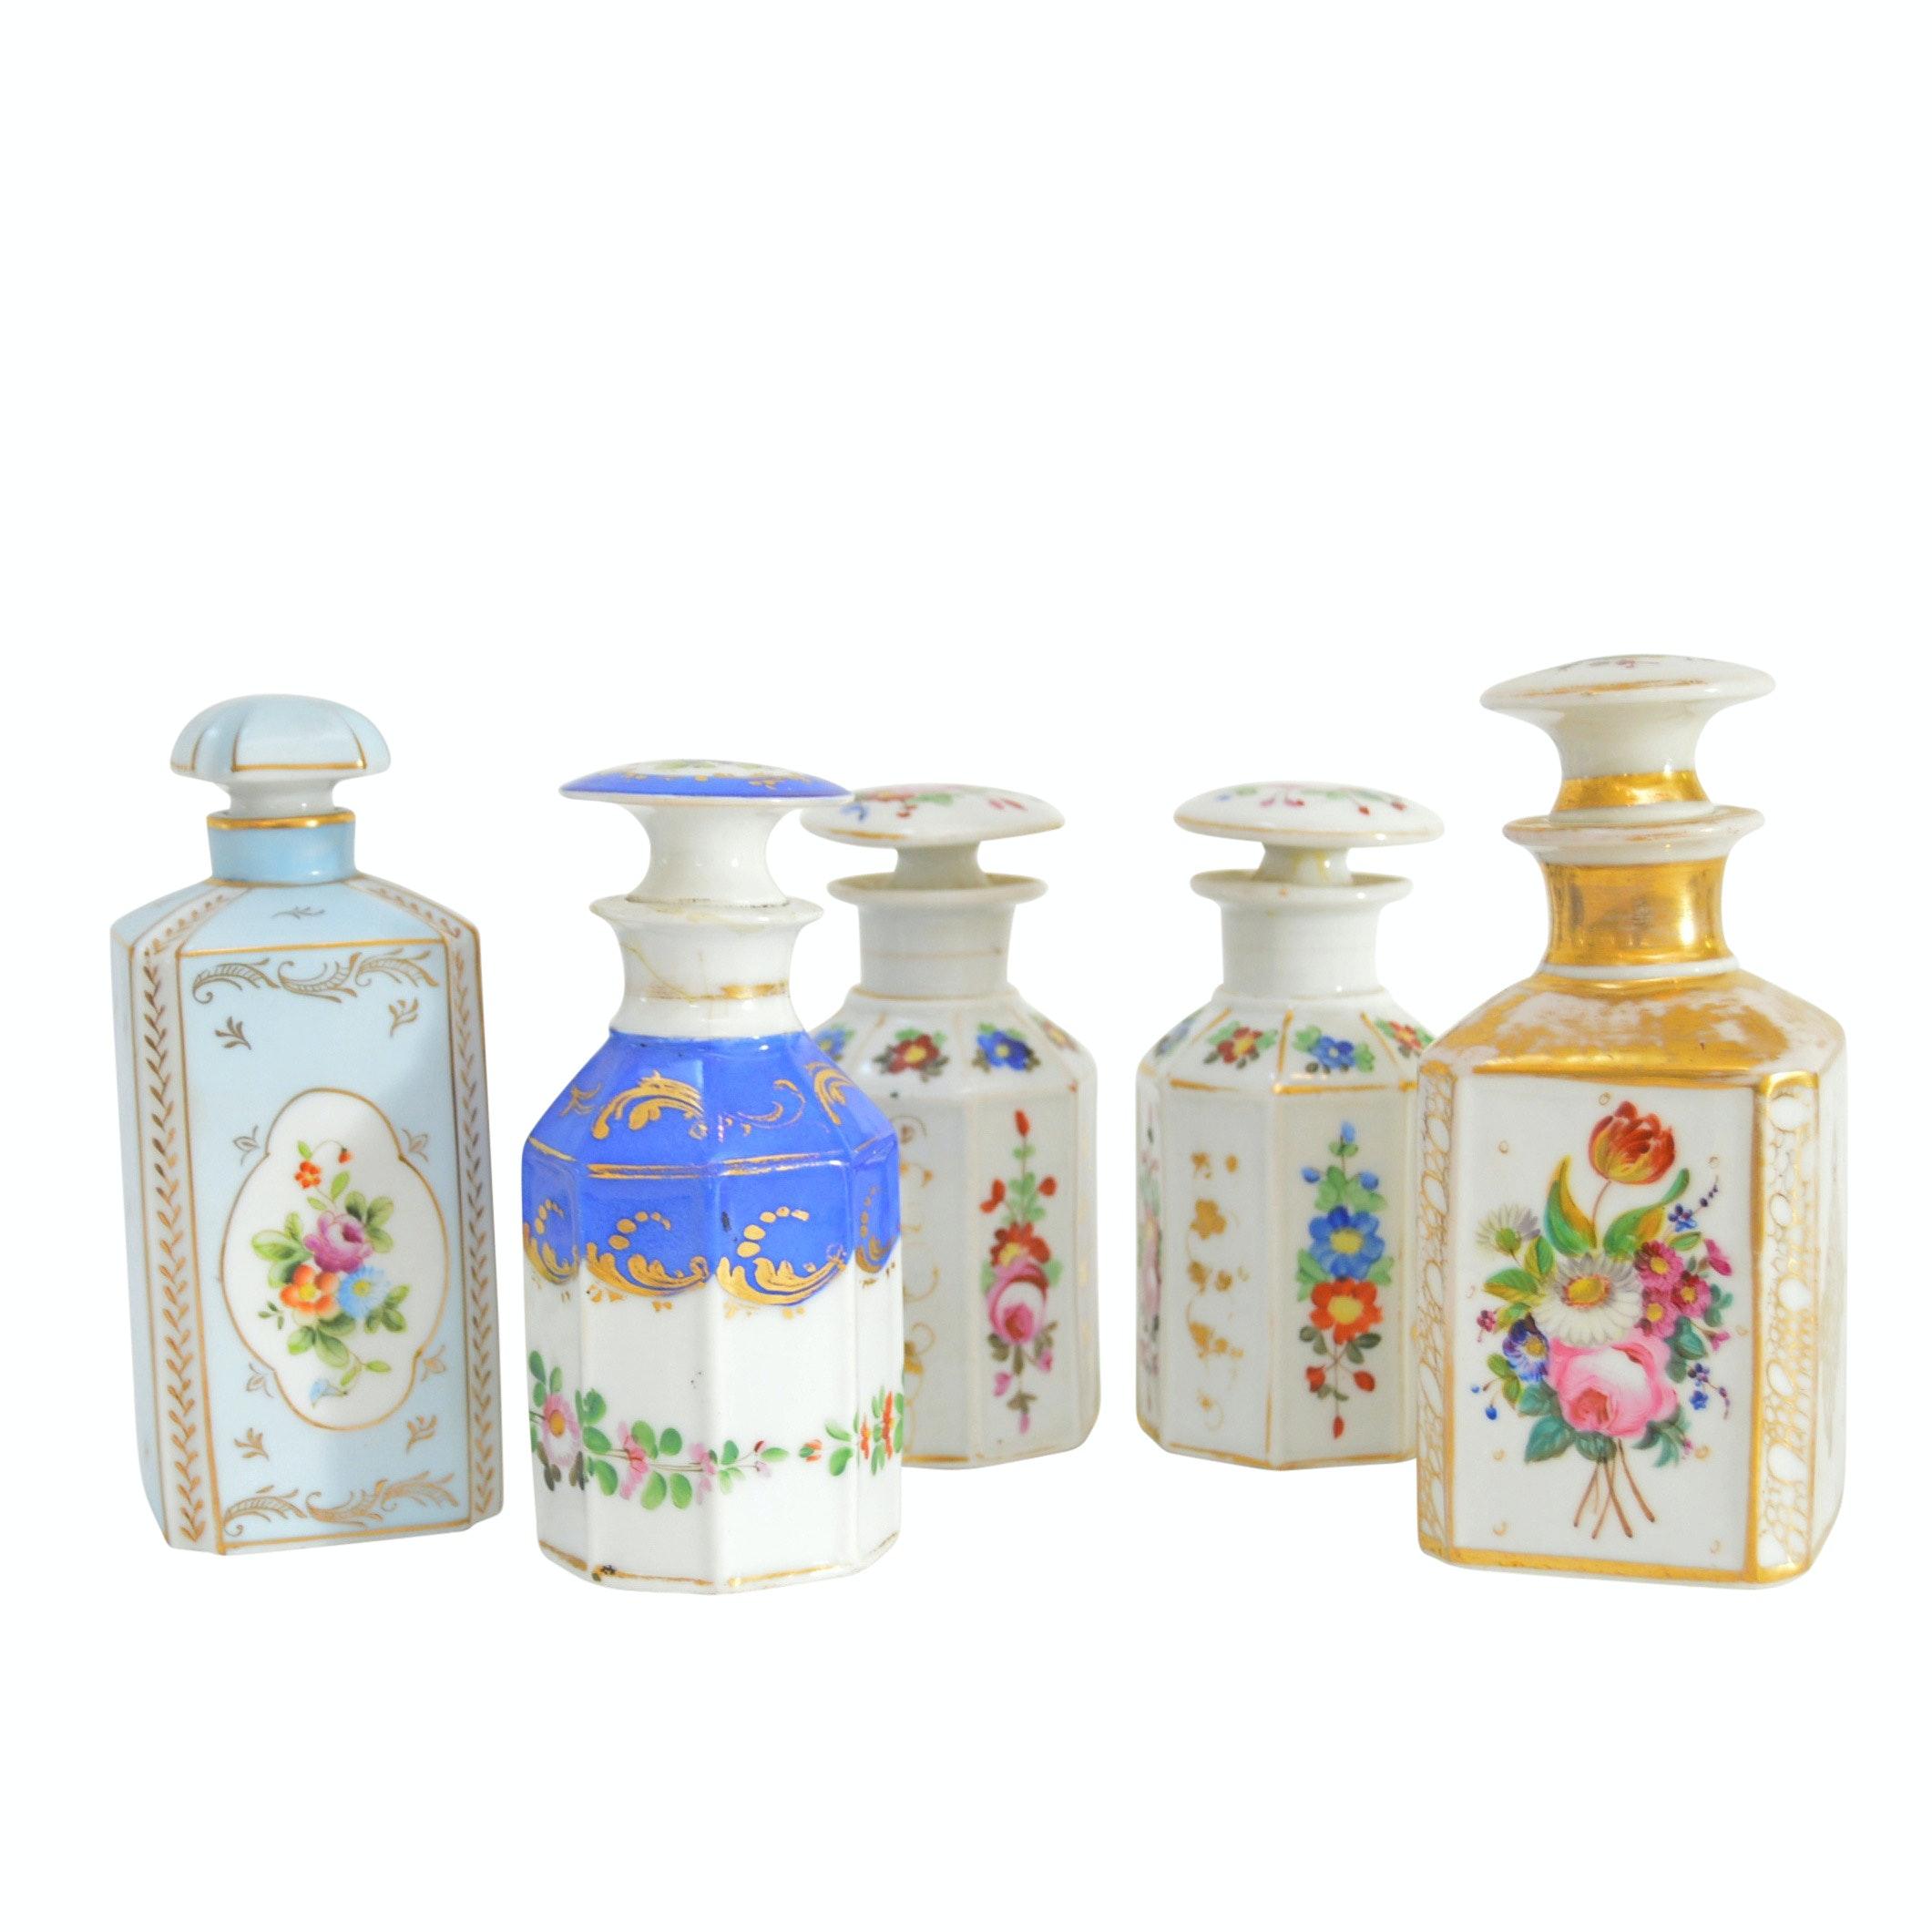 Vintage Porcelain Perfume Bottles